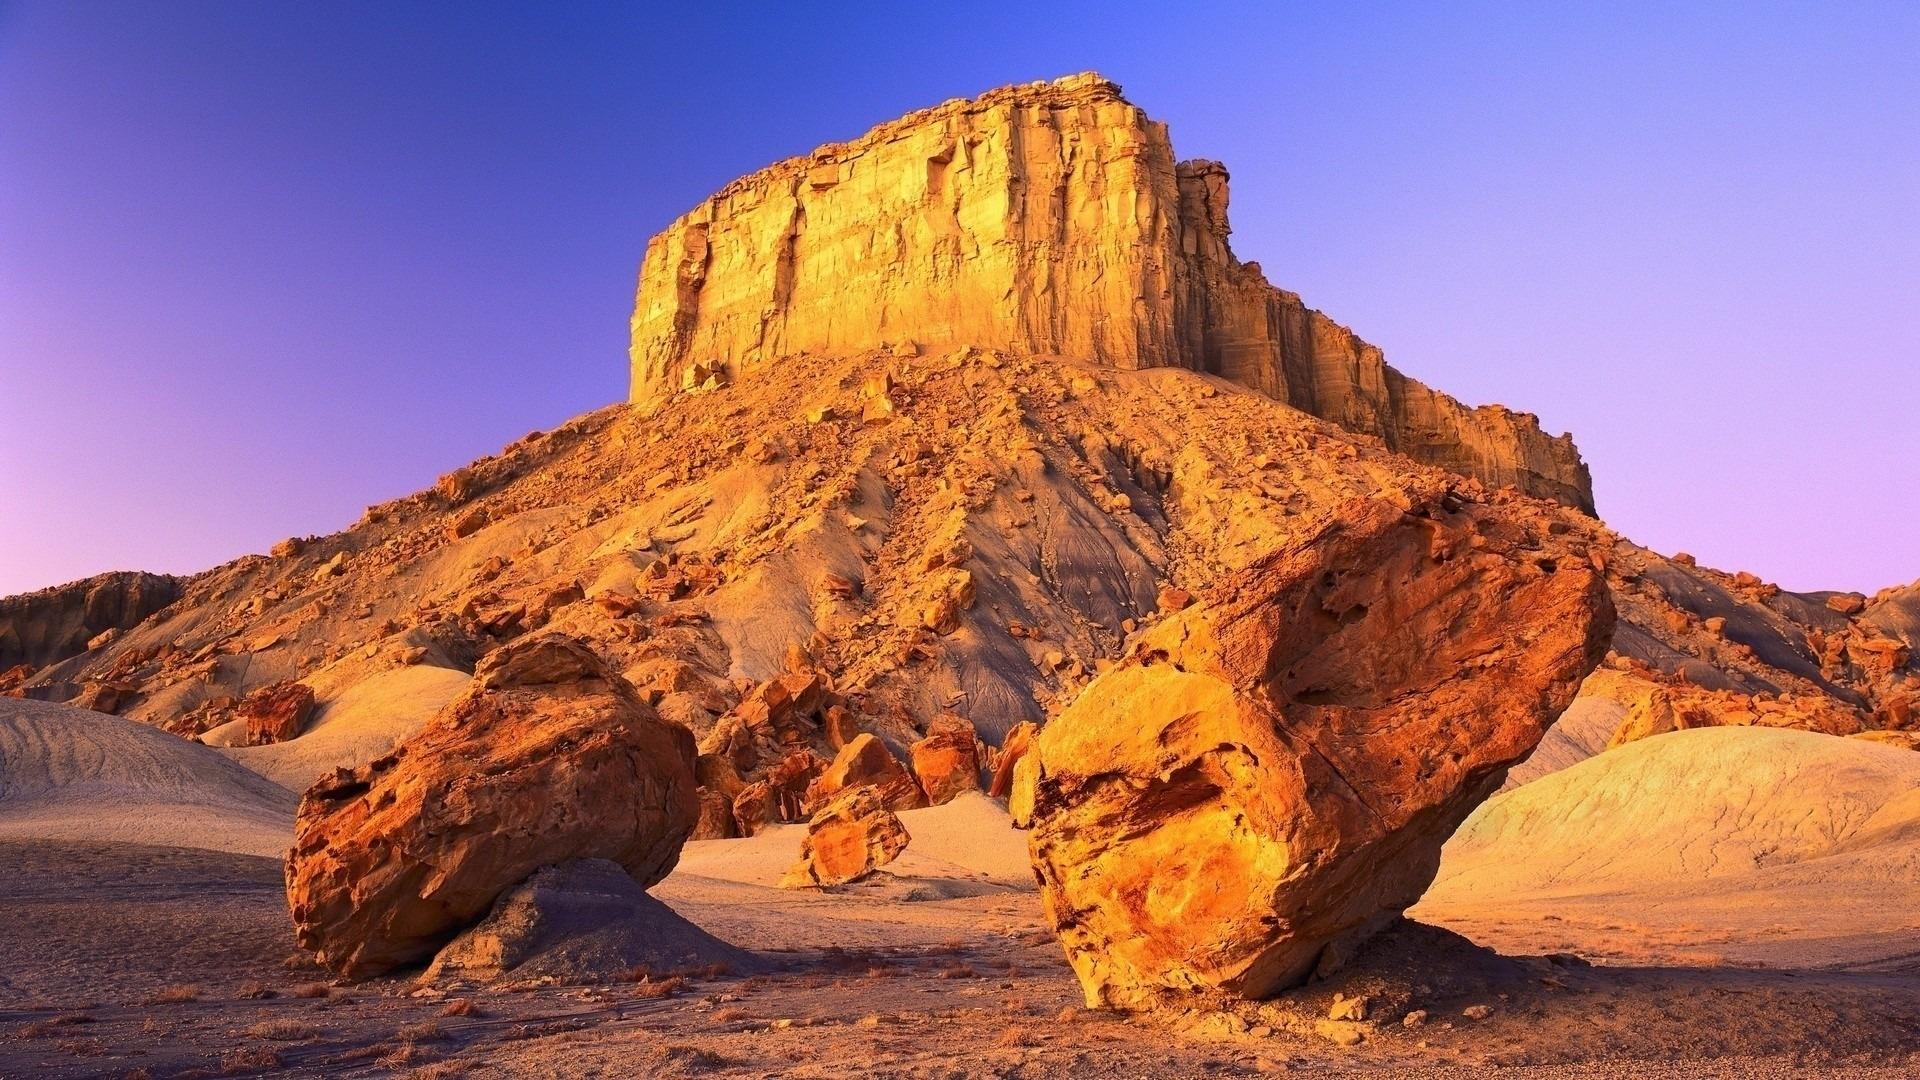 обои на рабочий стол высокого качества 1920х1080 пустыни еще раз главном